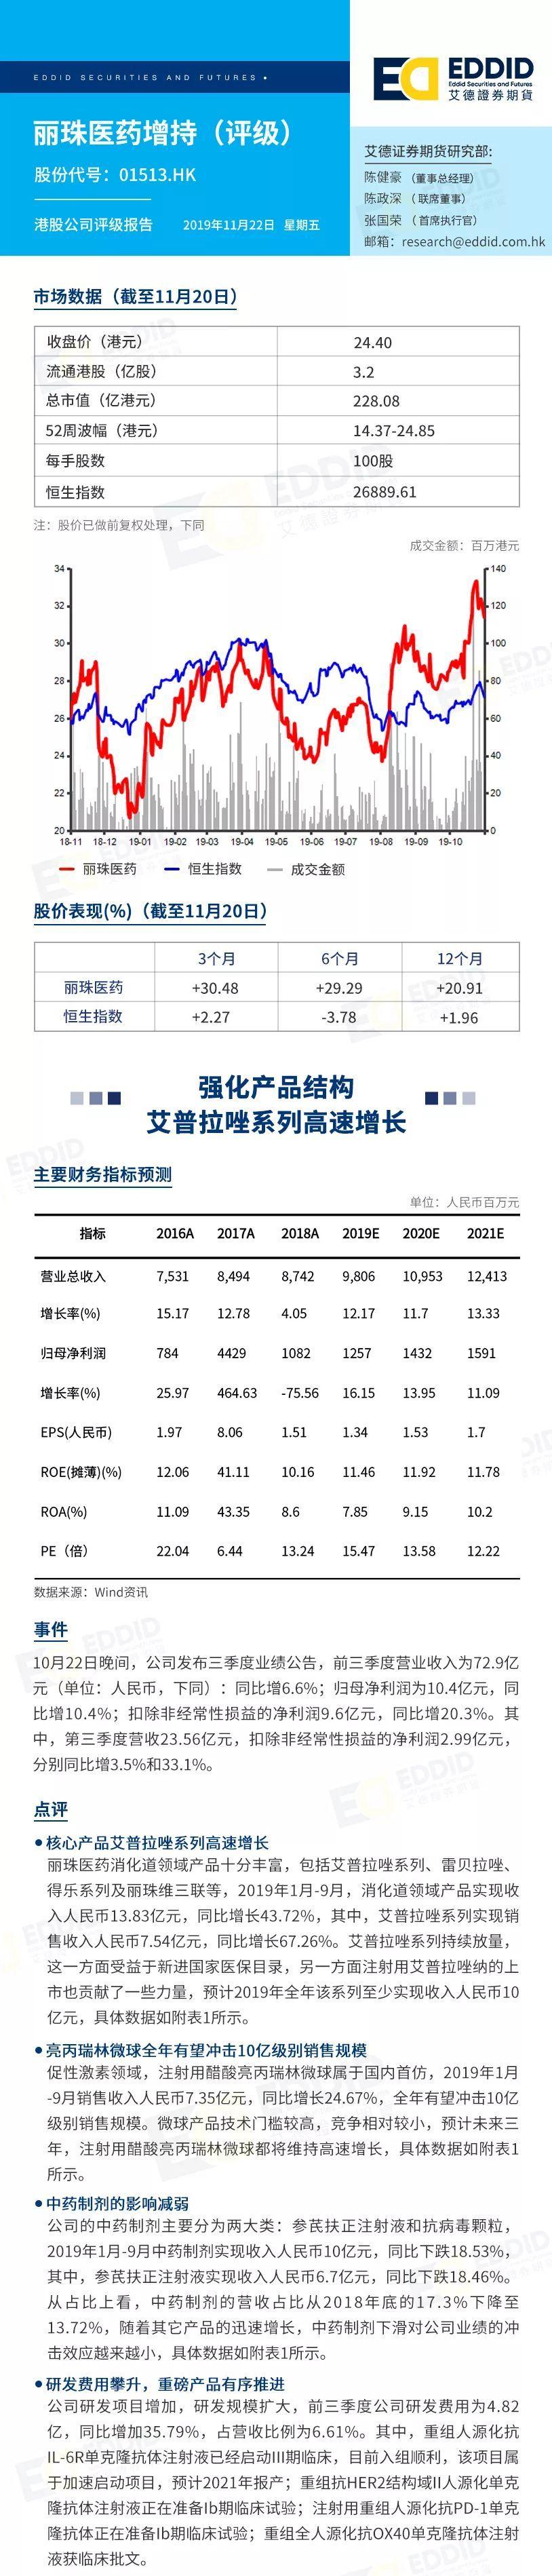 艾德证券期货:丽珠医药三季报业绩稳健,核心产品高速增长